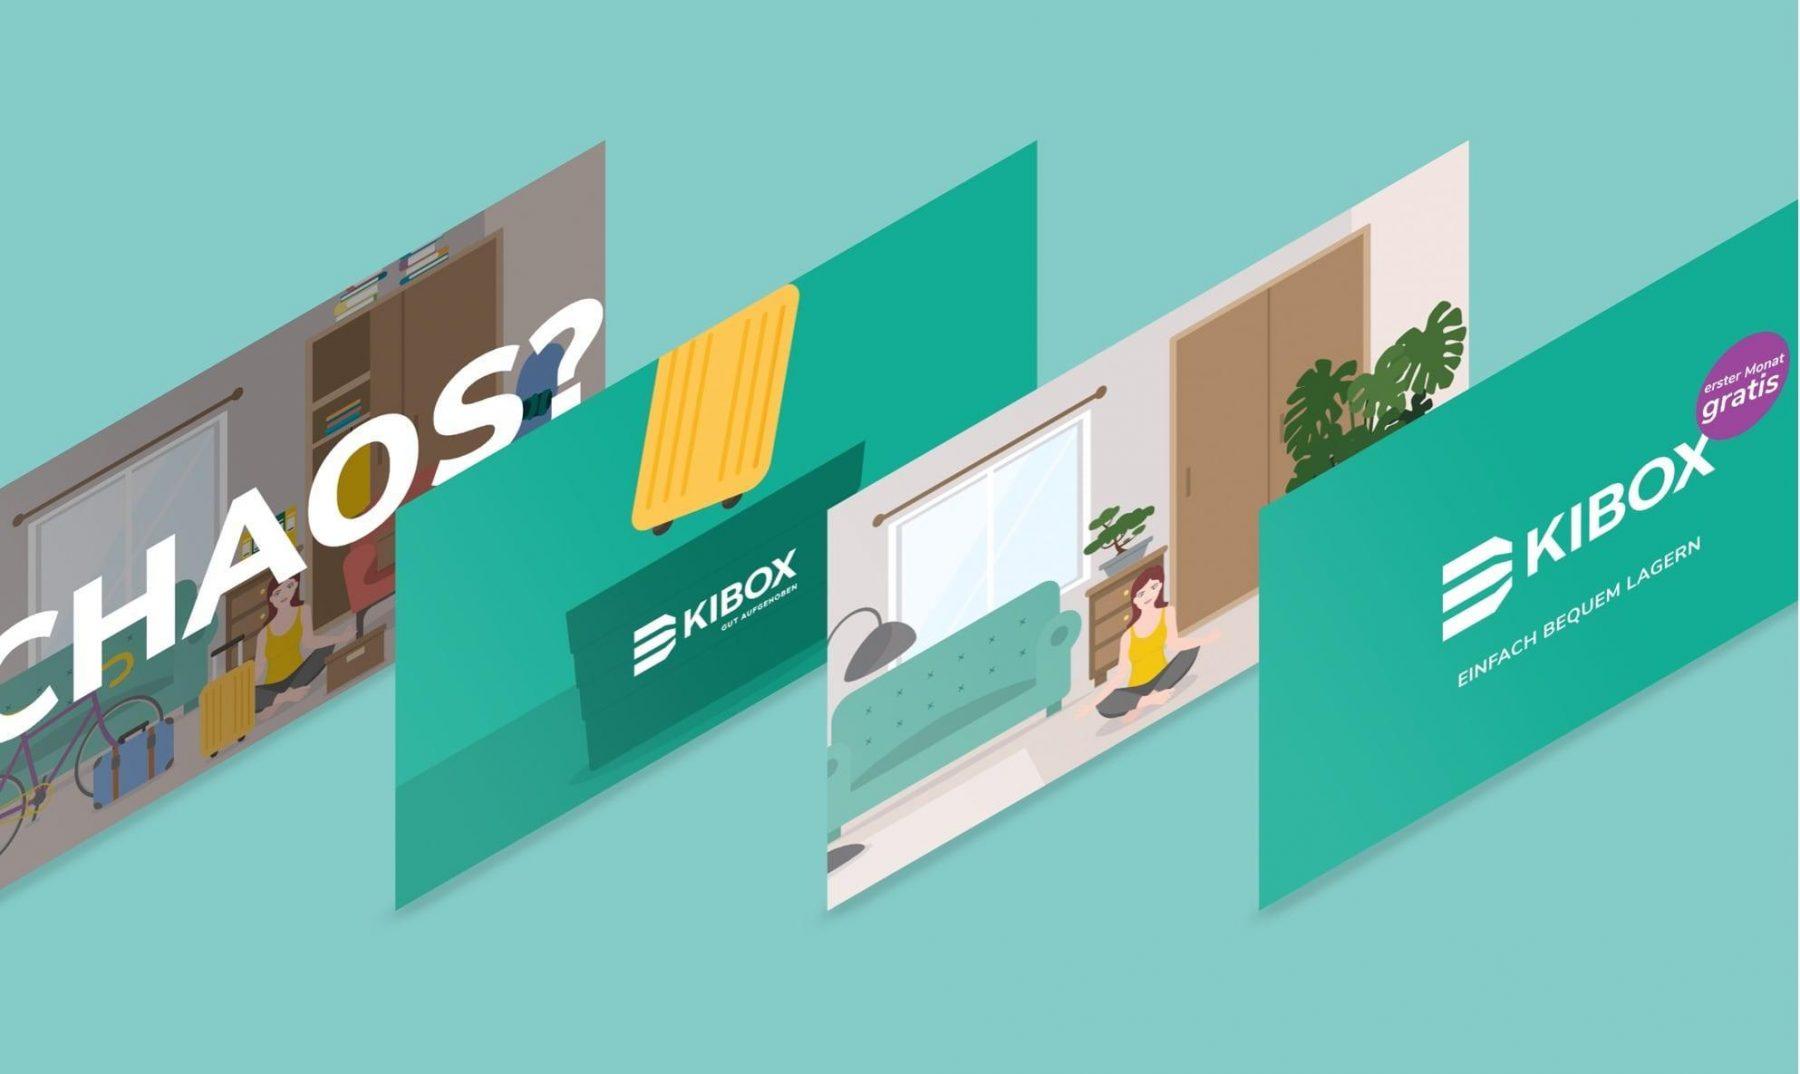 Kibox banners